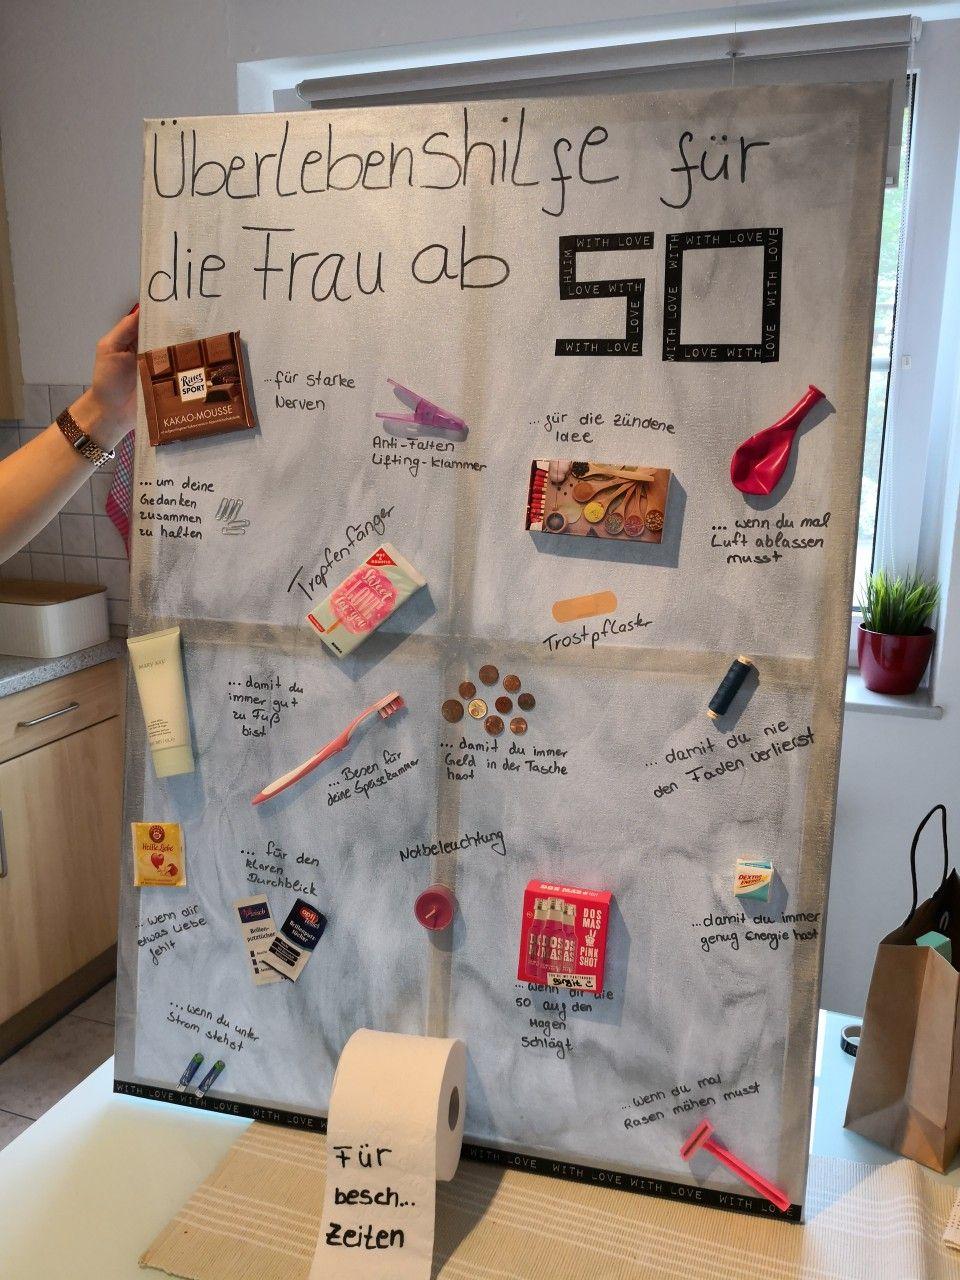 Uberlebenshilfe Fur Die Frau Ab 50 Geburtstagsgeschenk 50 Geburtstagsgeschenk 50 Geburtstagsgeschenk Frau Geburtstag Geschenke Frauen